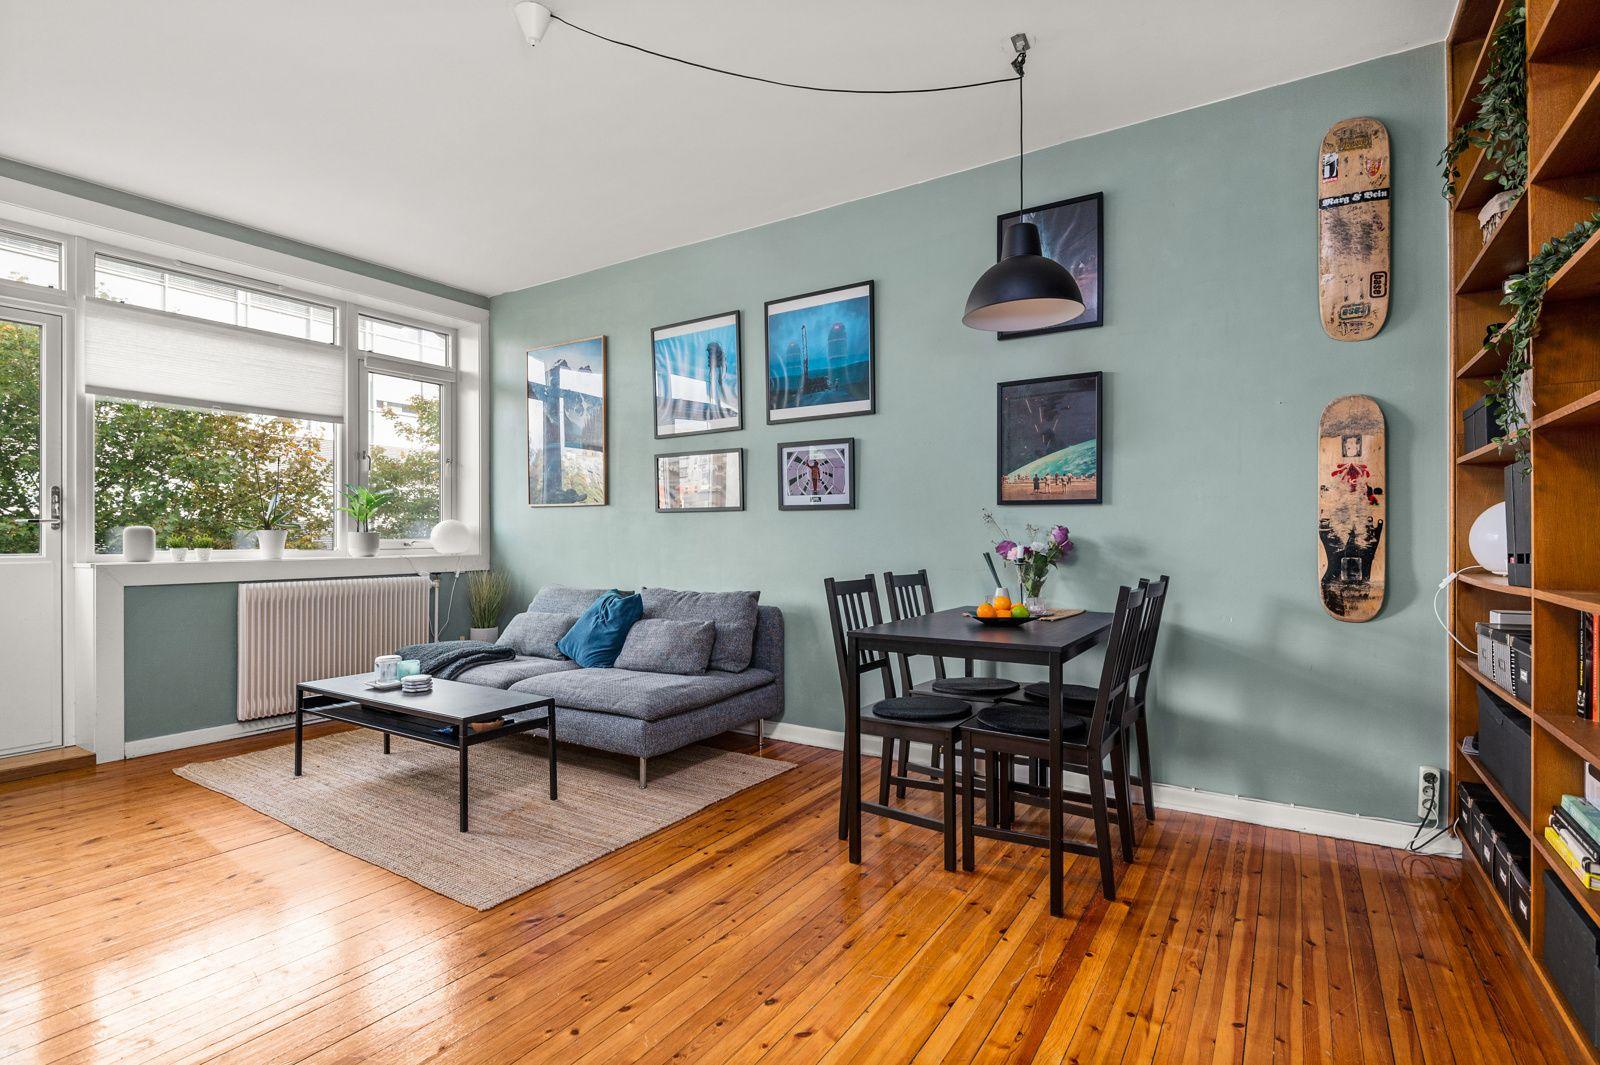 Sannergata 5C Lys, luftig stue med stort vindu og utgang til balkong som gir rommet godt lysinnslipp.